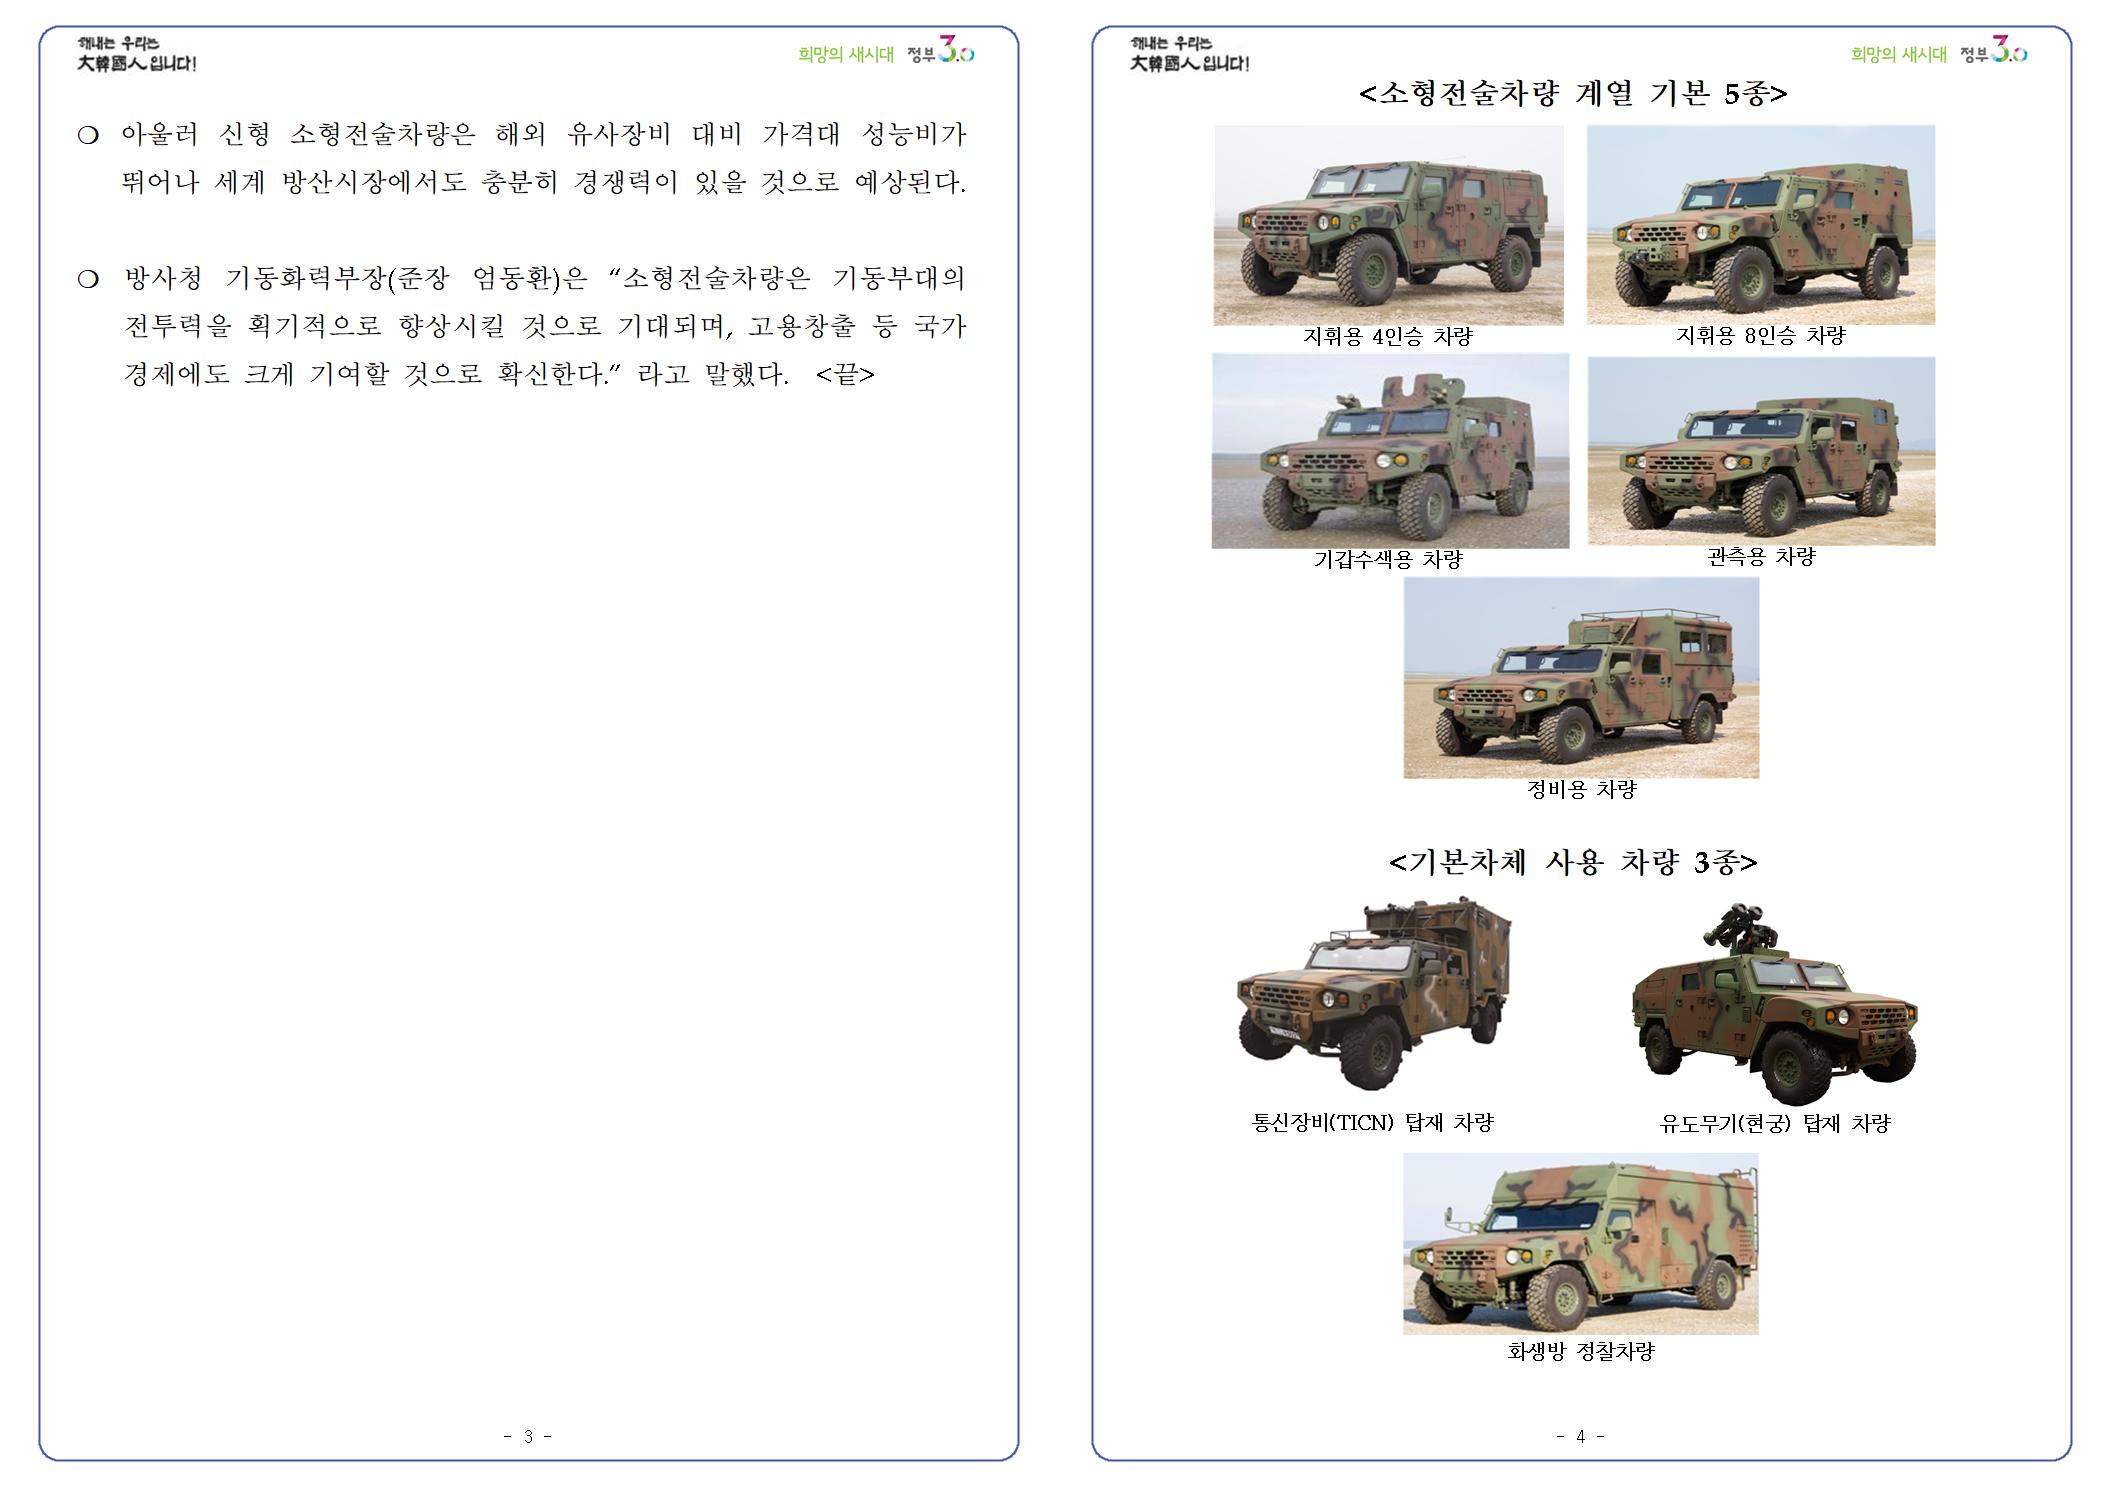 170405 %5B보도자료%5D 소형전술차량 야전운용시험002.png